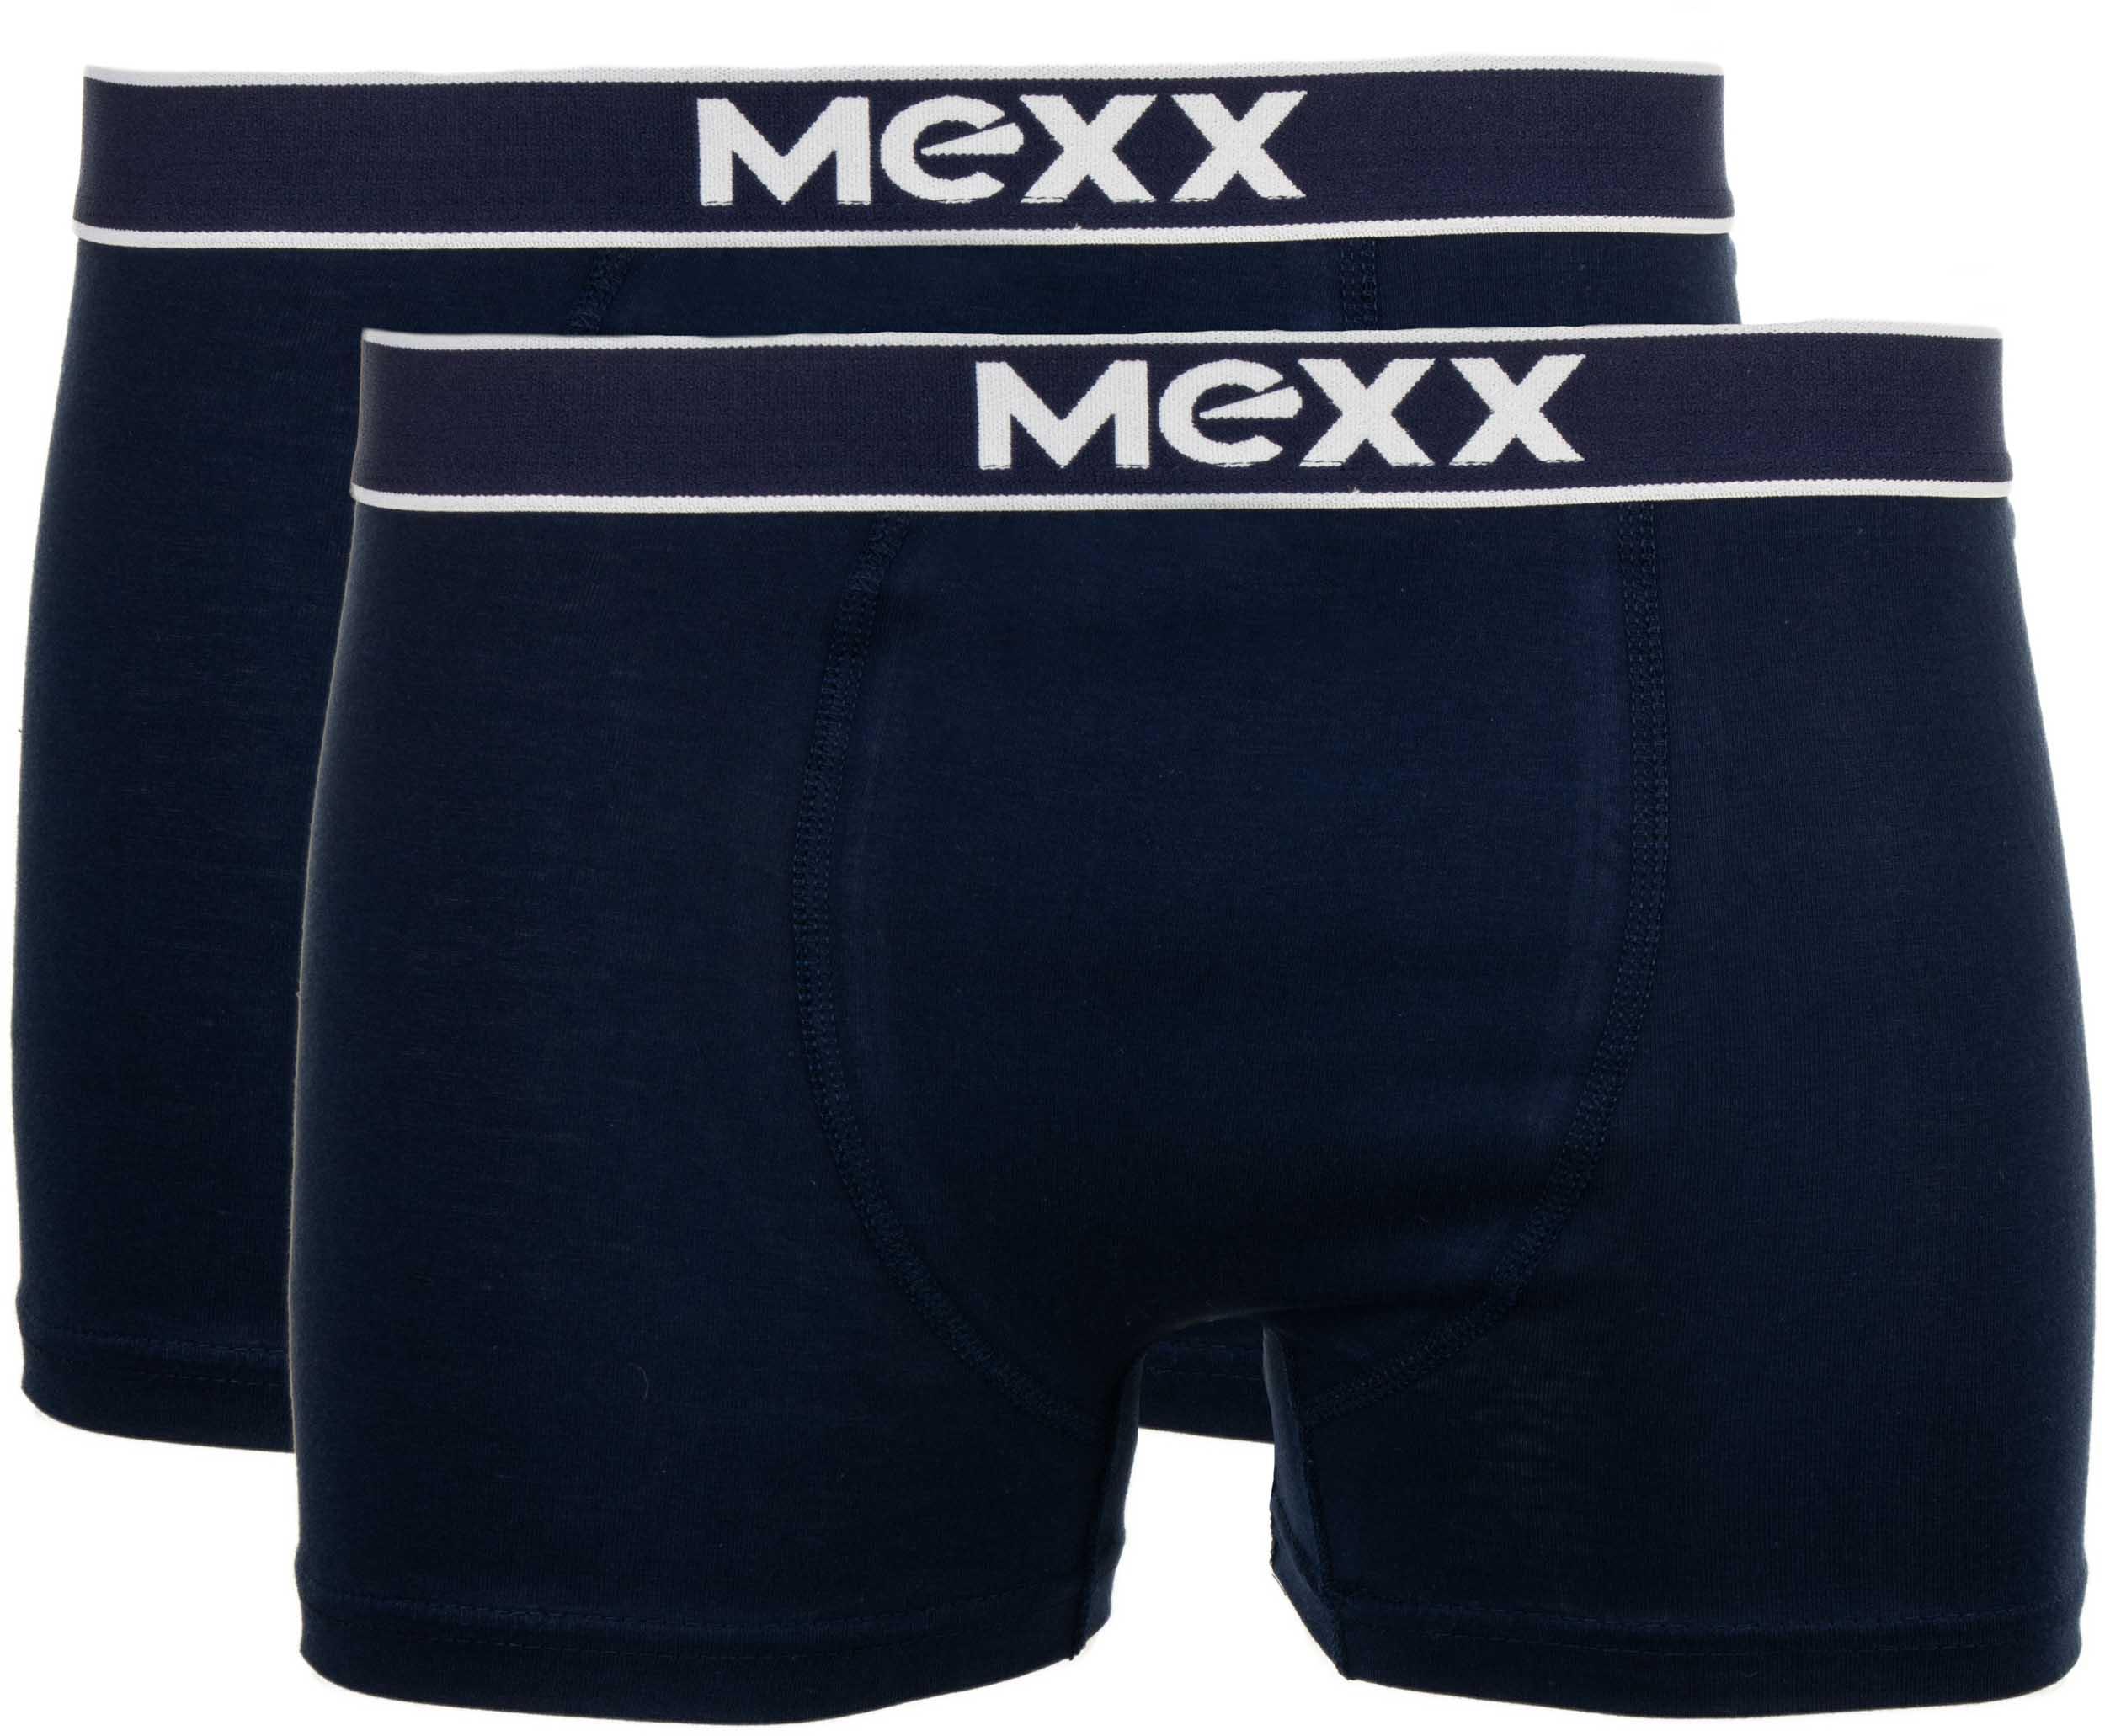 Pánské boxerky Mexx 2P navy short